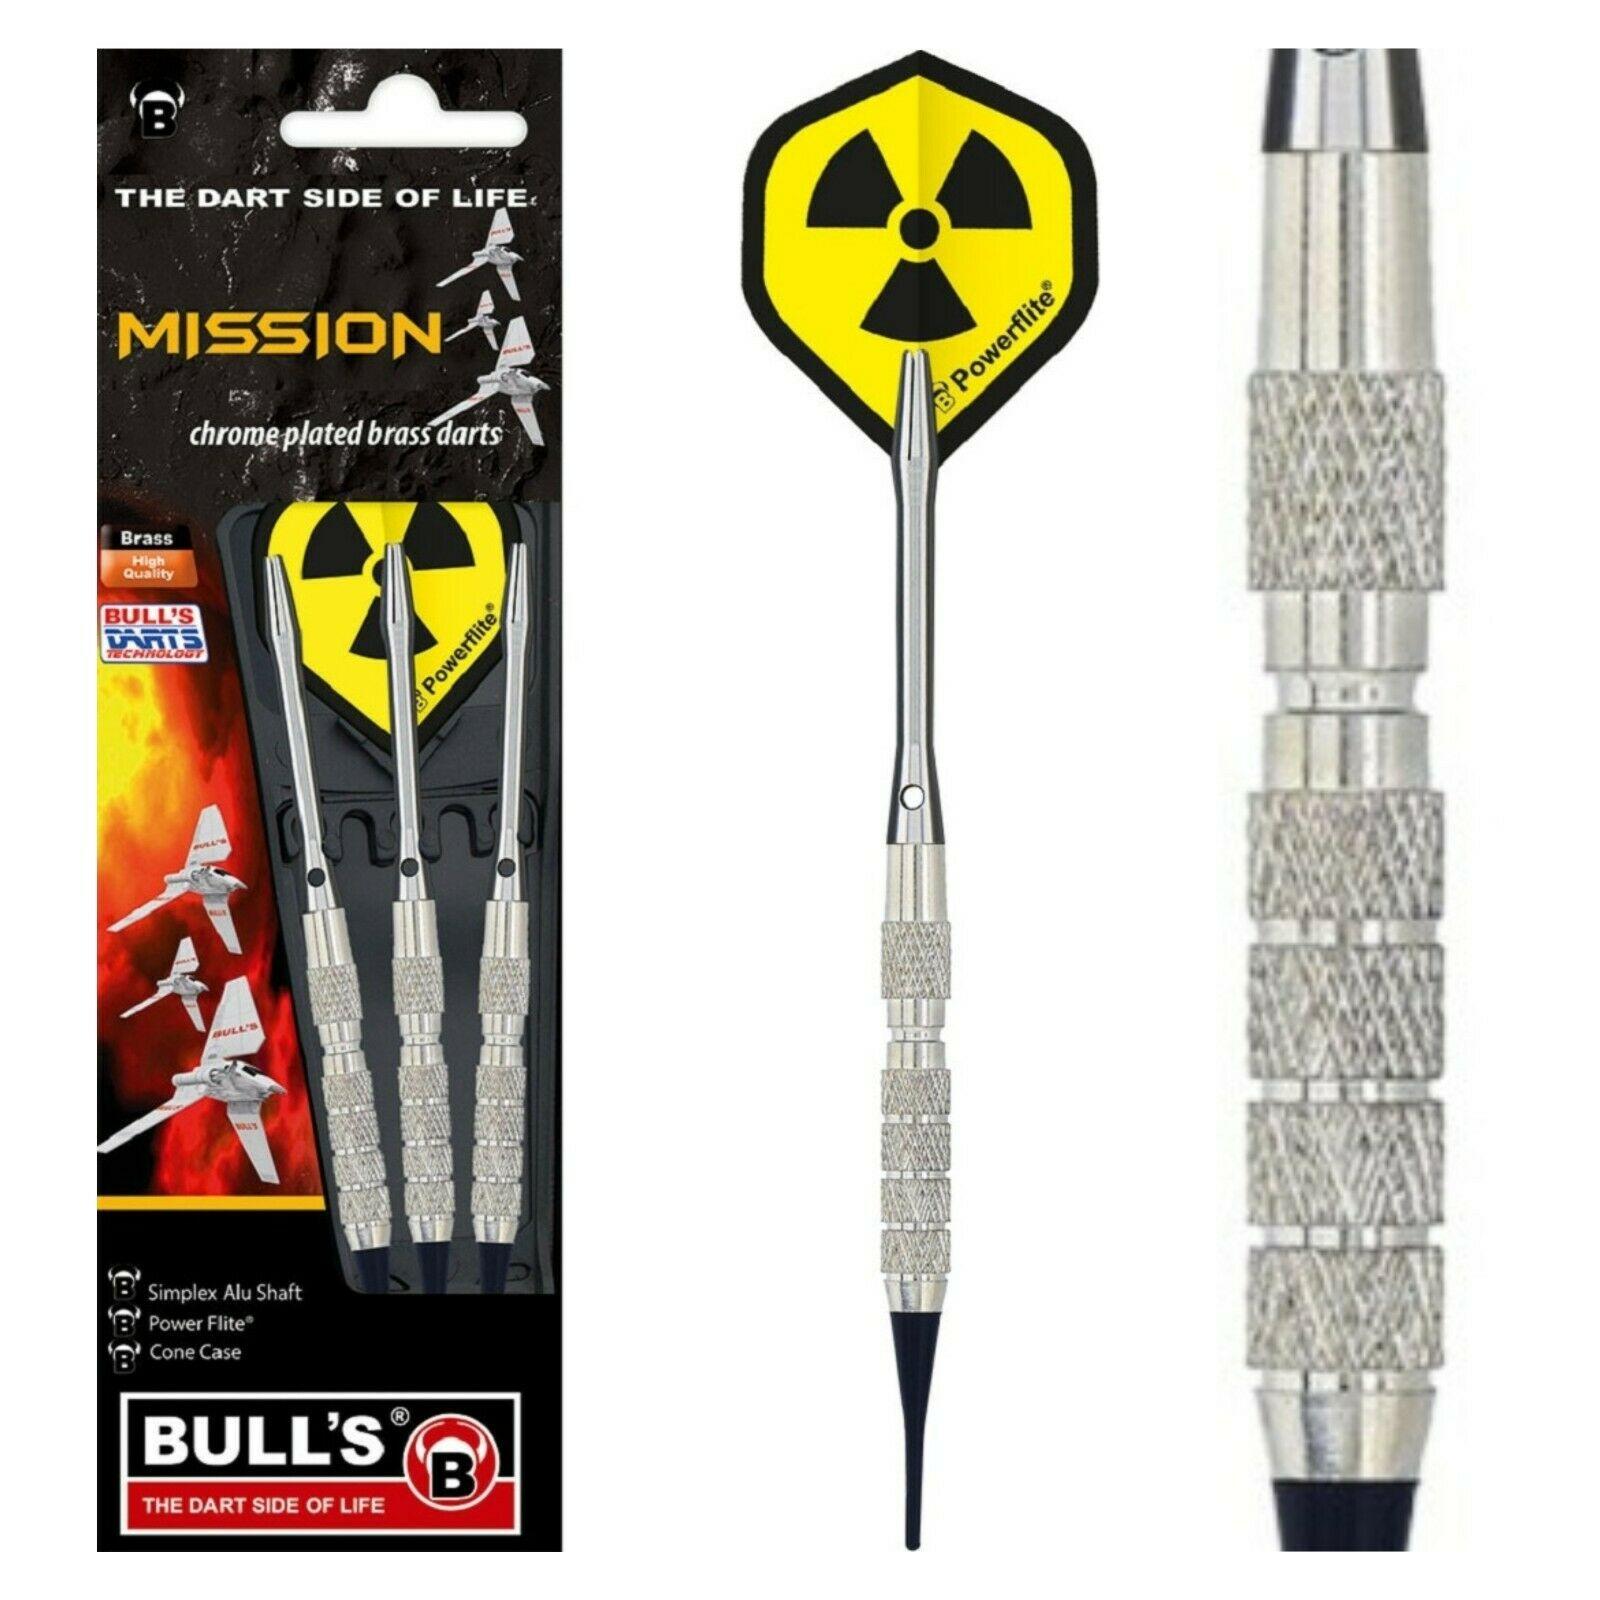 Bulls Softdarts Mission Dart 14g